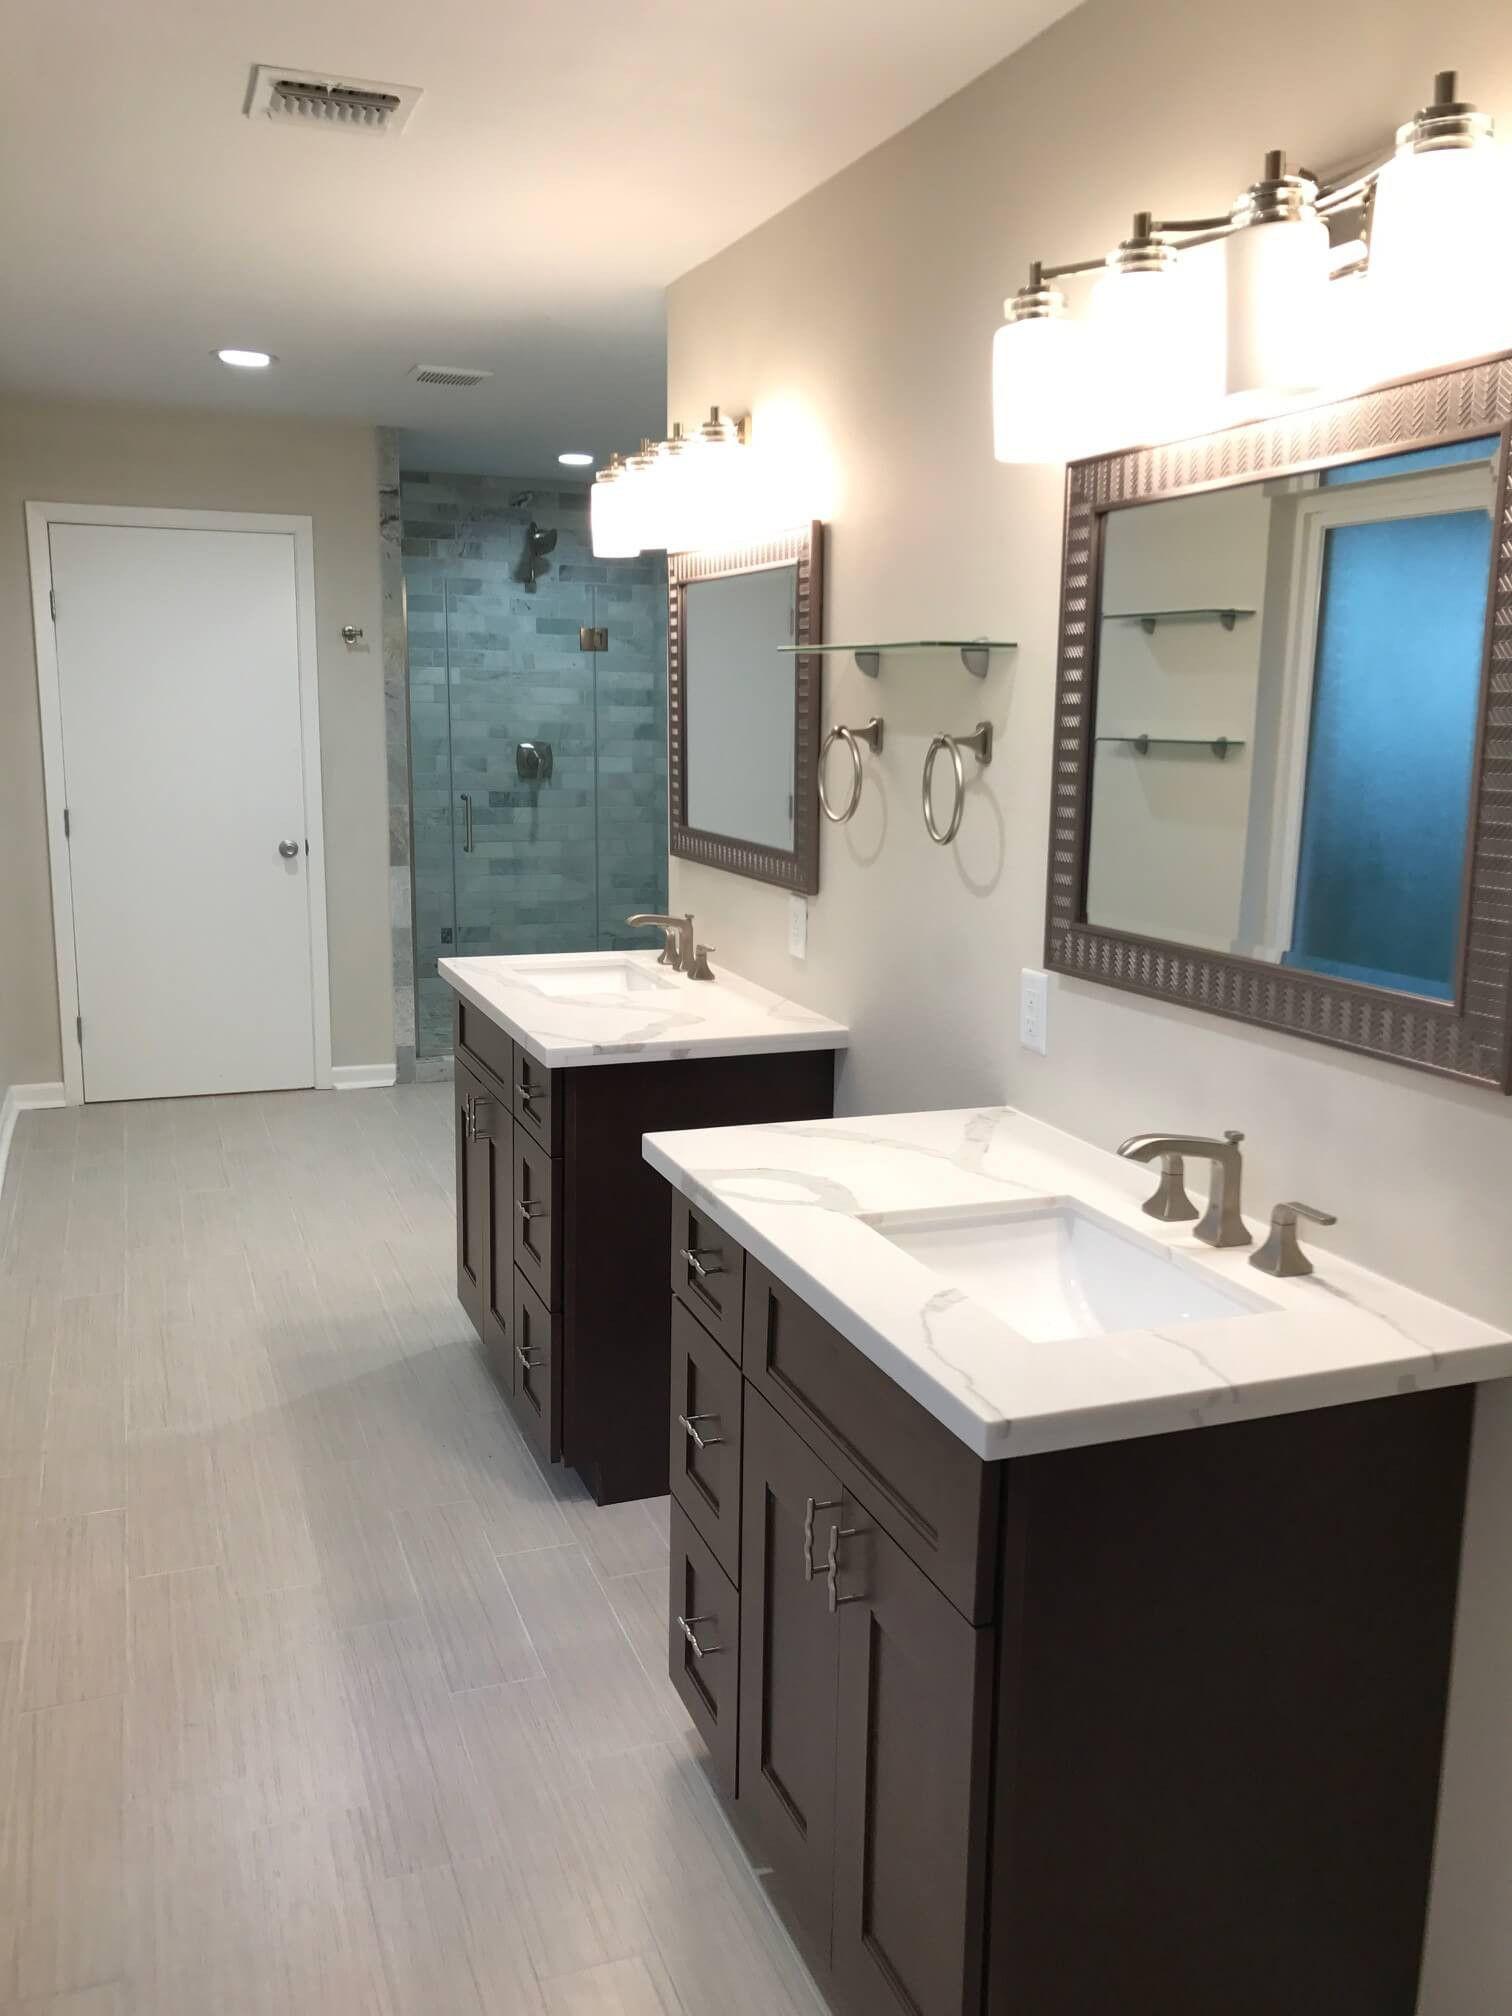 San Antonio Bathroom Remodel Projects | Vanity, Bathrooms ...